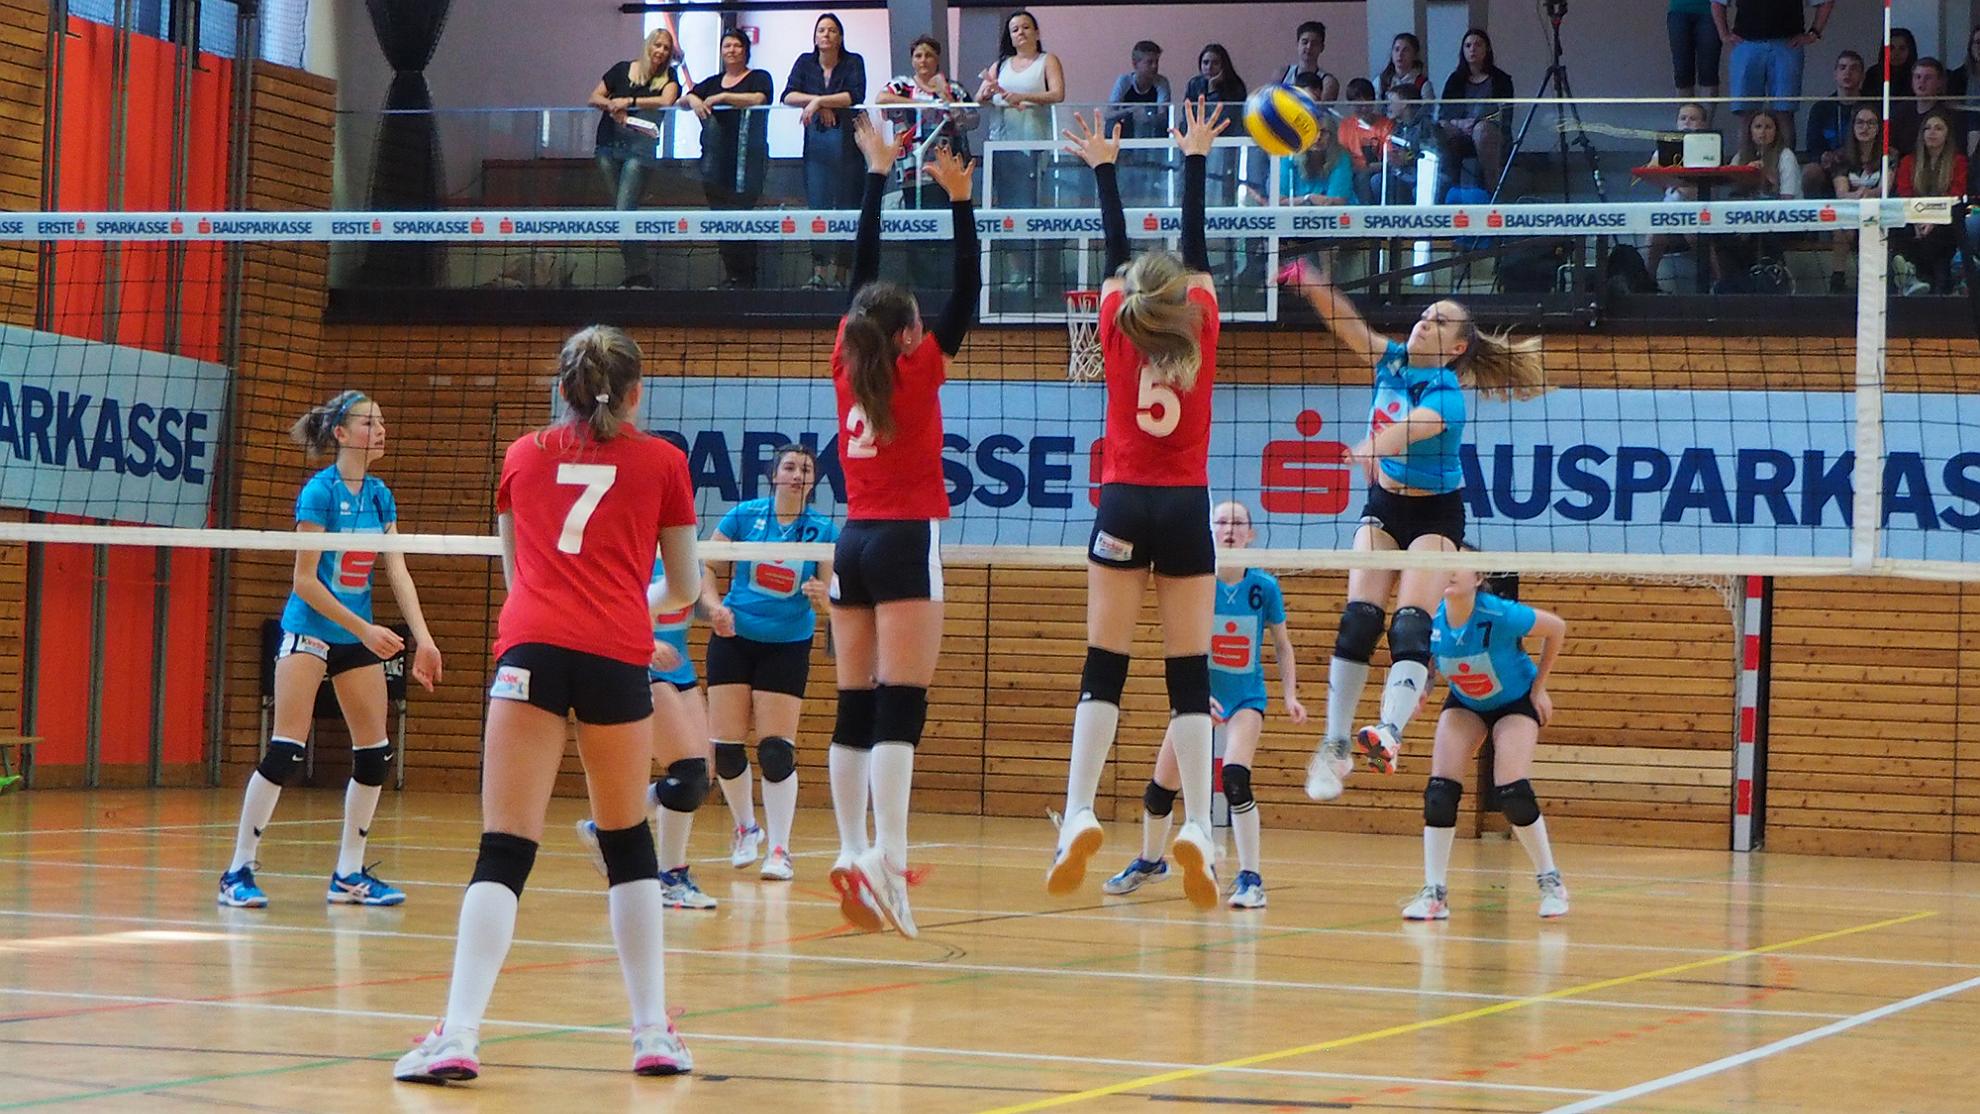 FOTO © Sparkasse-Schülerliga Volleyball 